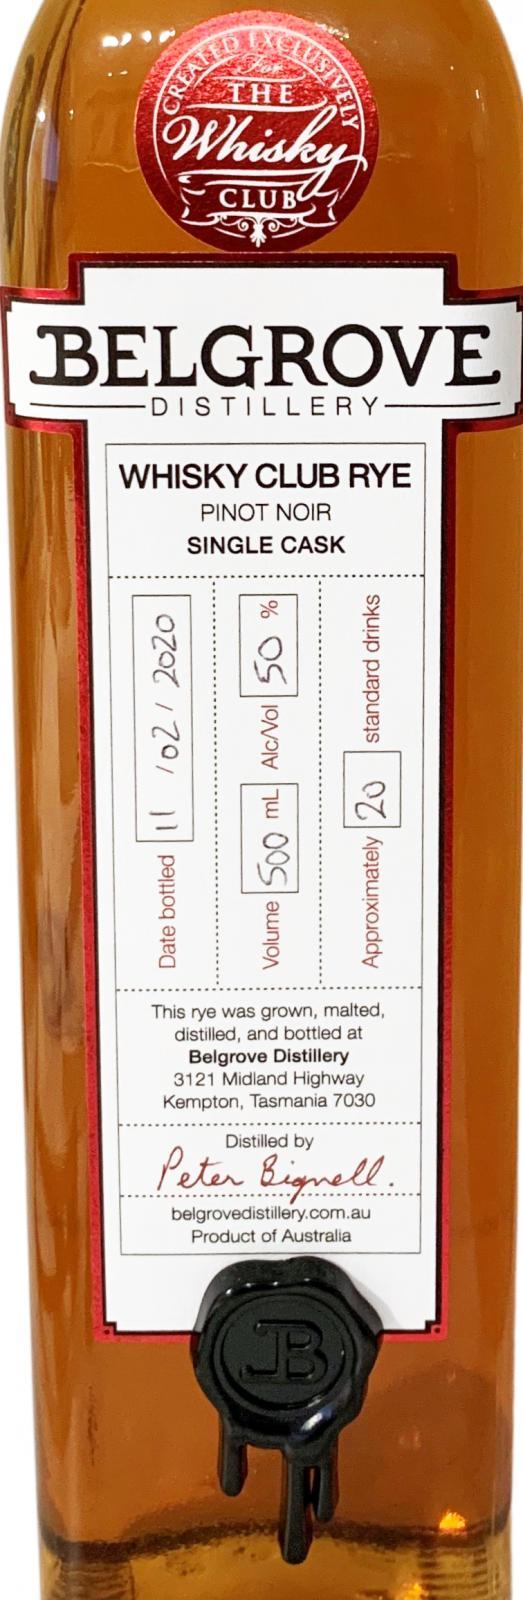 Belgrove Whisky Club Rye